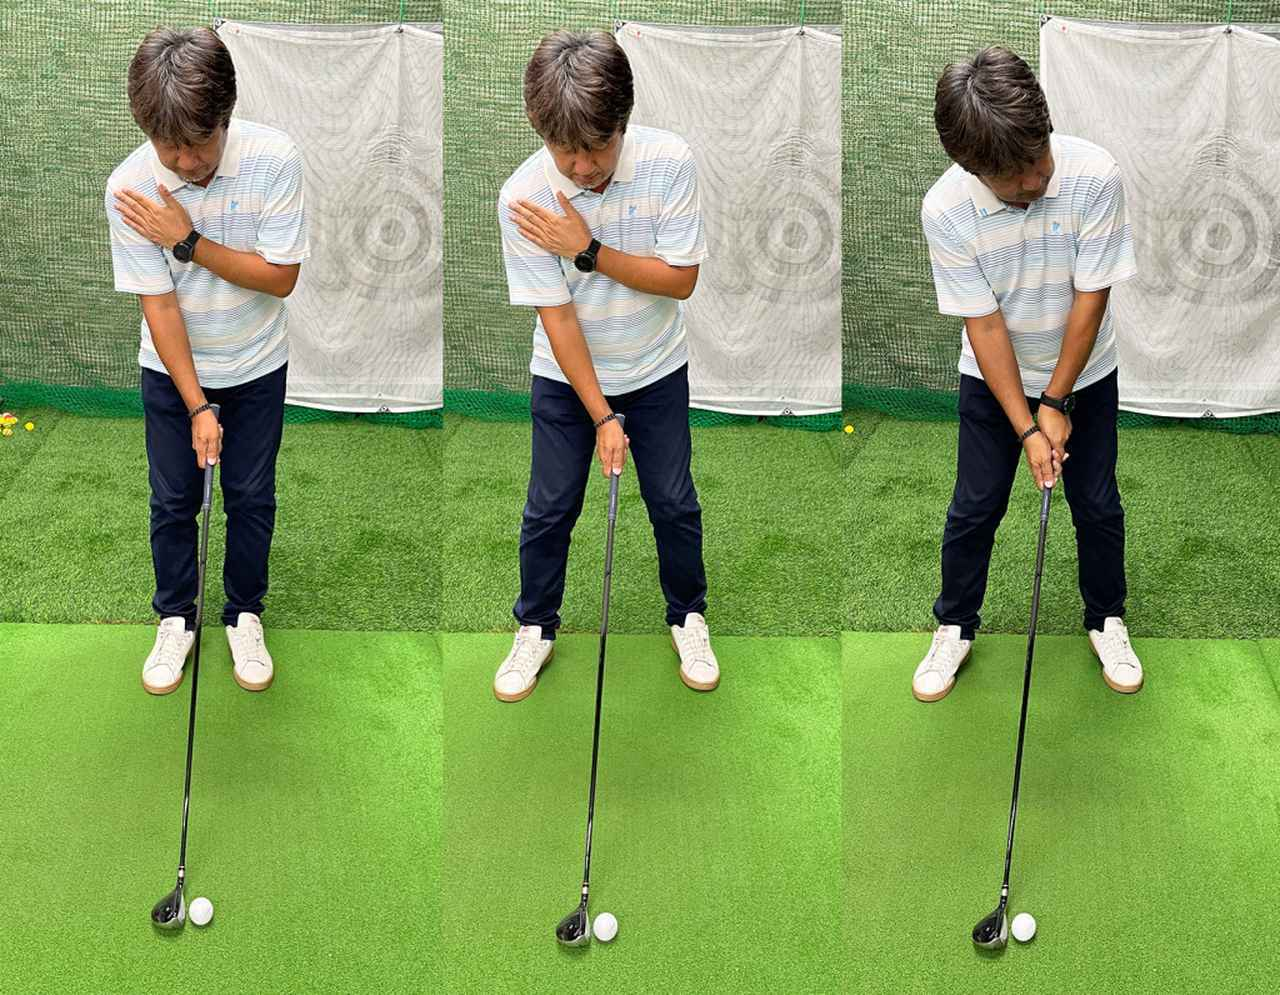 画像: 右肩に左手を添えてアドレスをすると、スウィング中も右肩が出にくくなる